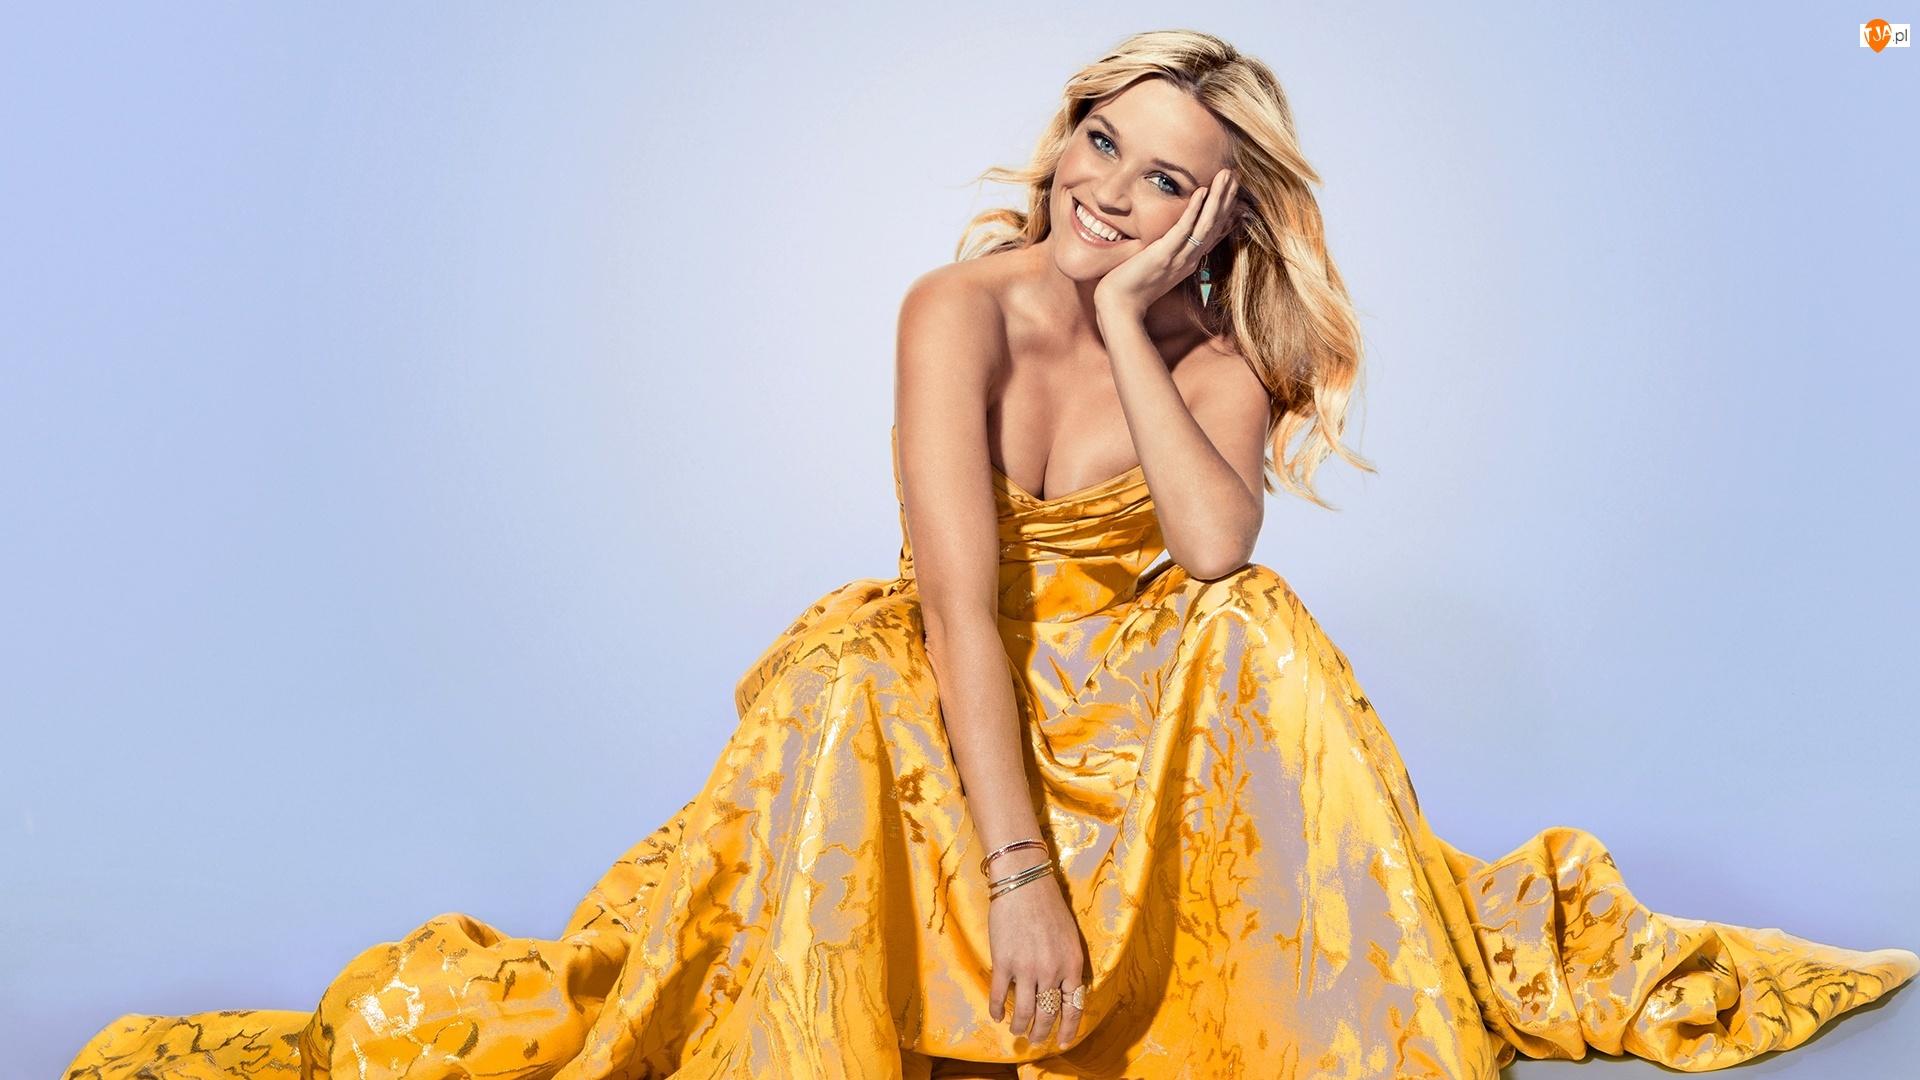 Żółta, Biżuteria, Kobieta, Reese Witherspoon, Blondynka, Suknia